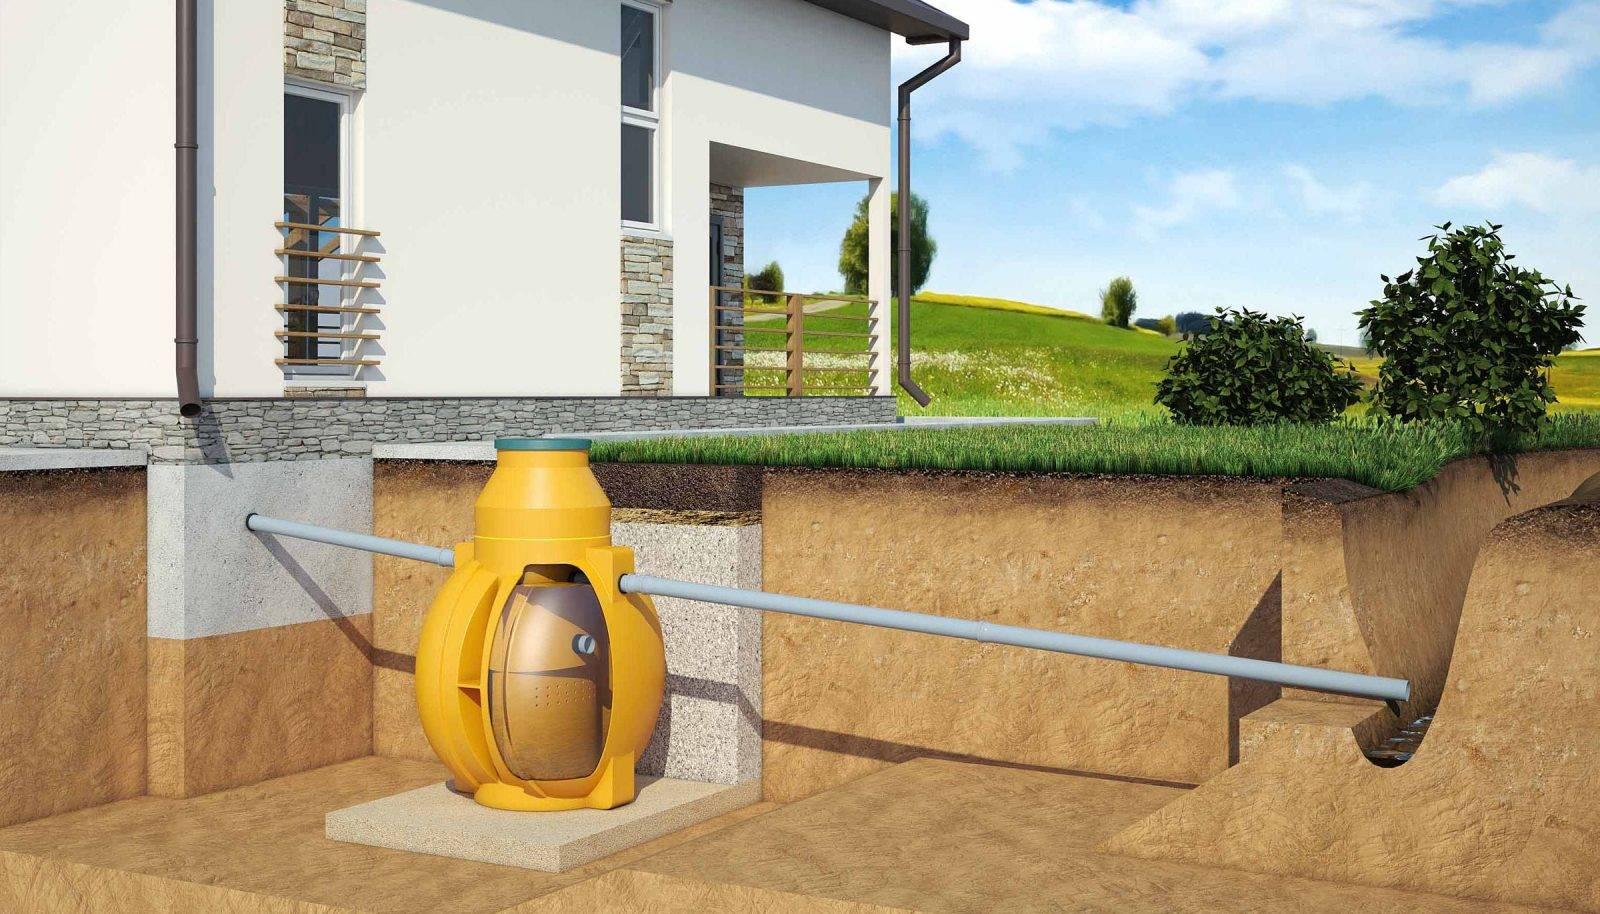 Локальная канализация: что это такое, местная канализация и локальная система очистки сточных вод